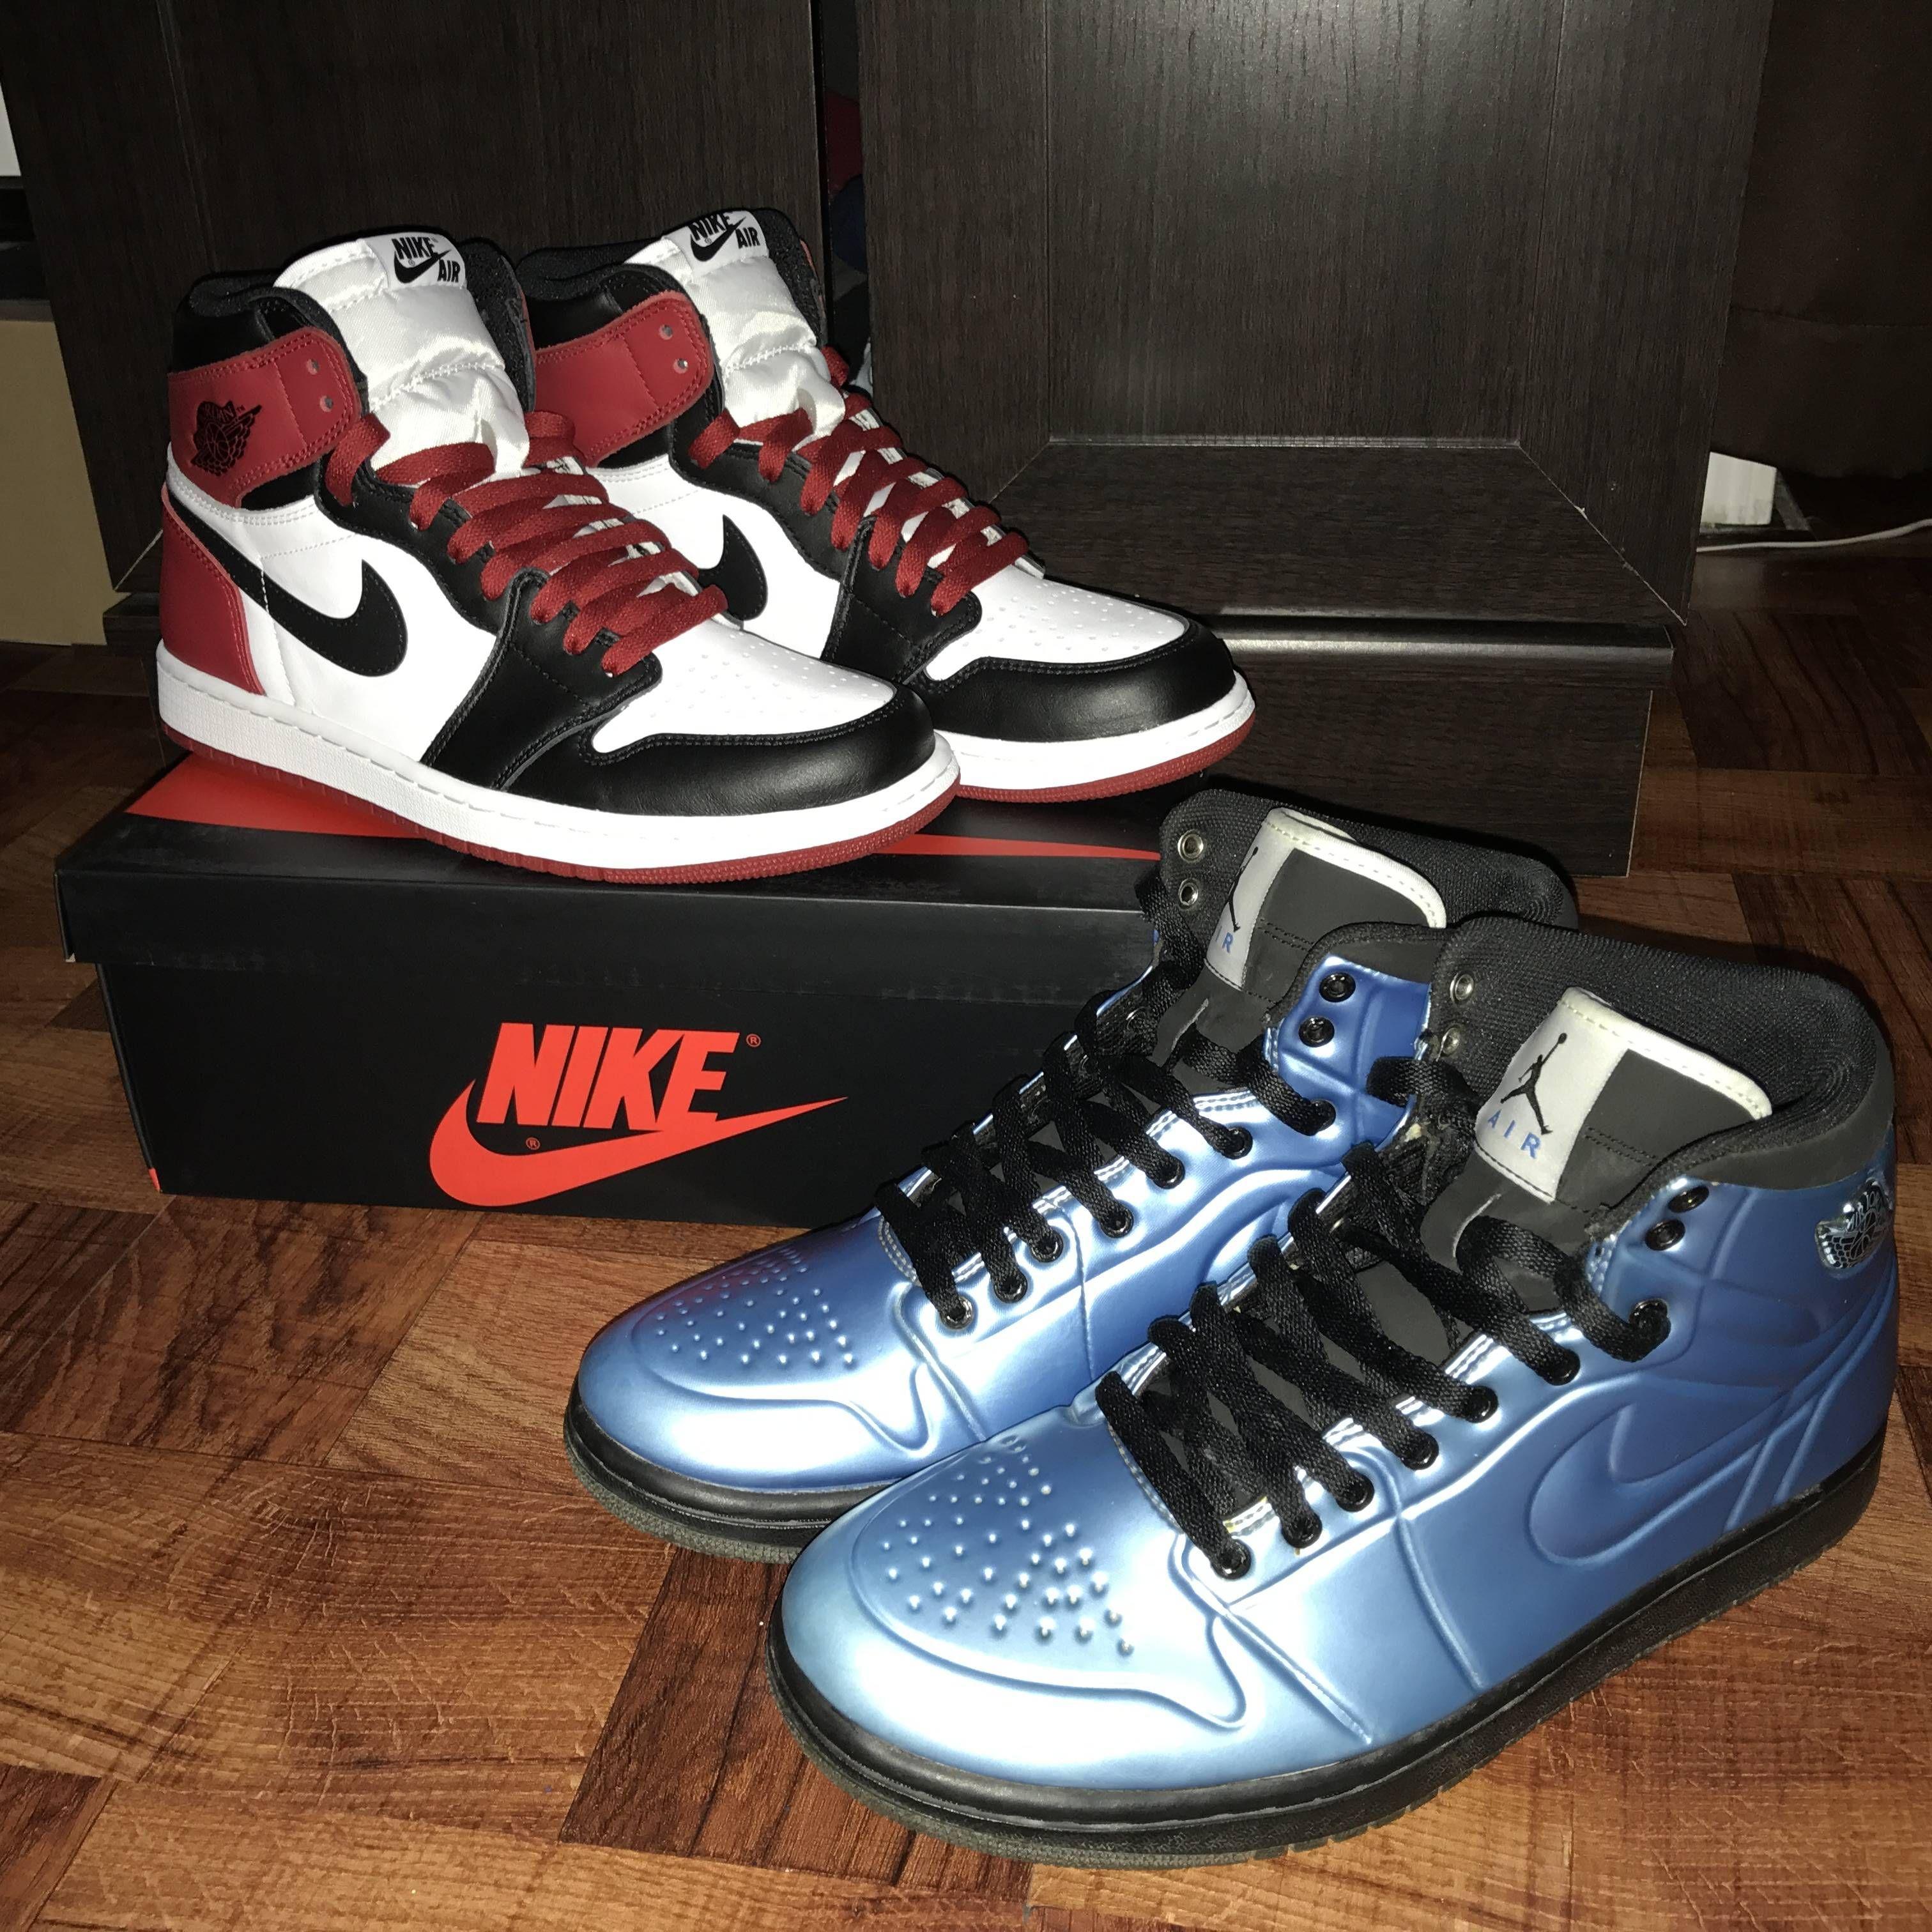 Sneakers nike, Jordans sneakers, Dc sneaker